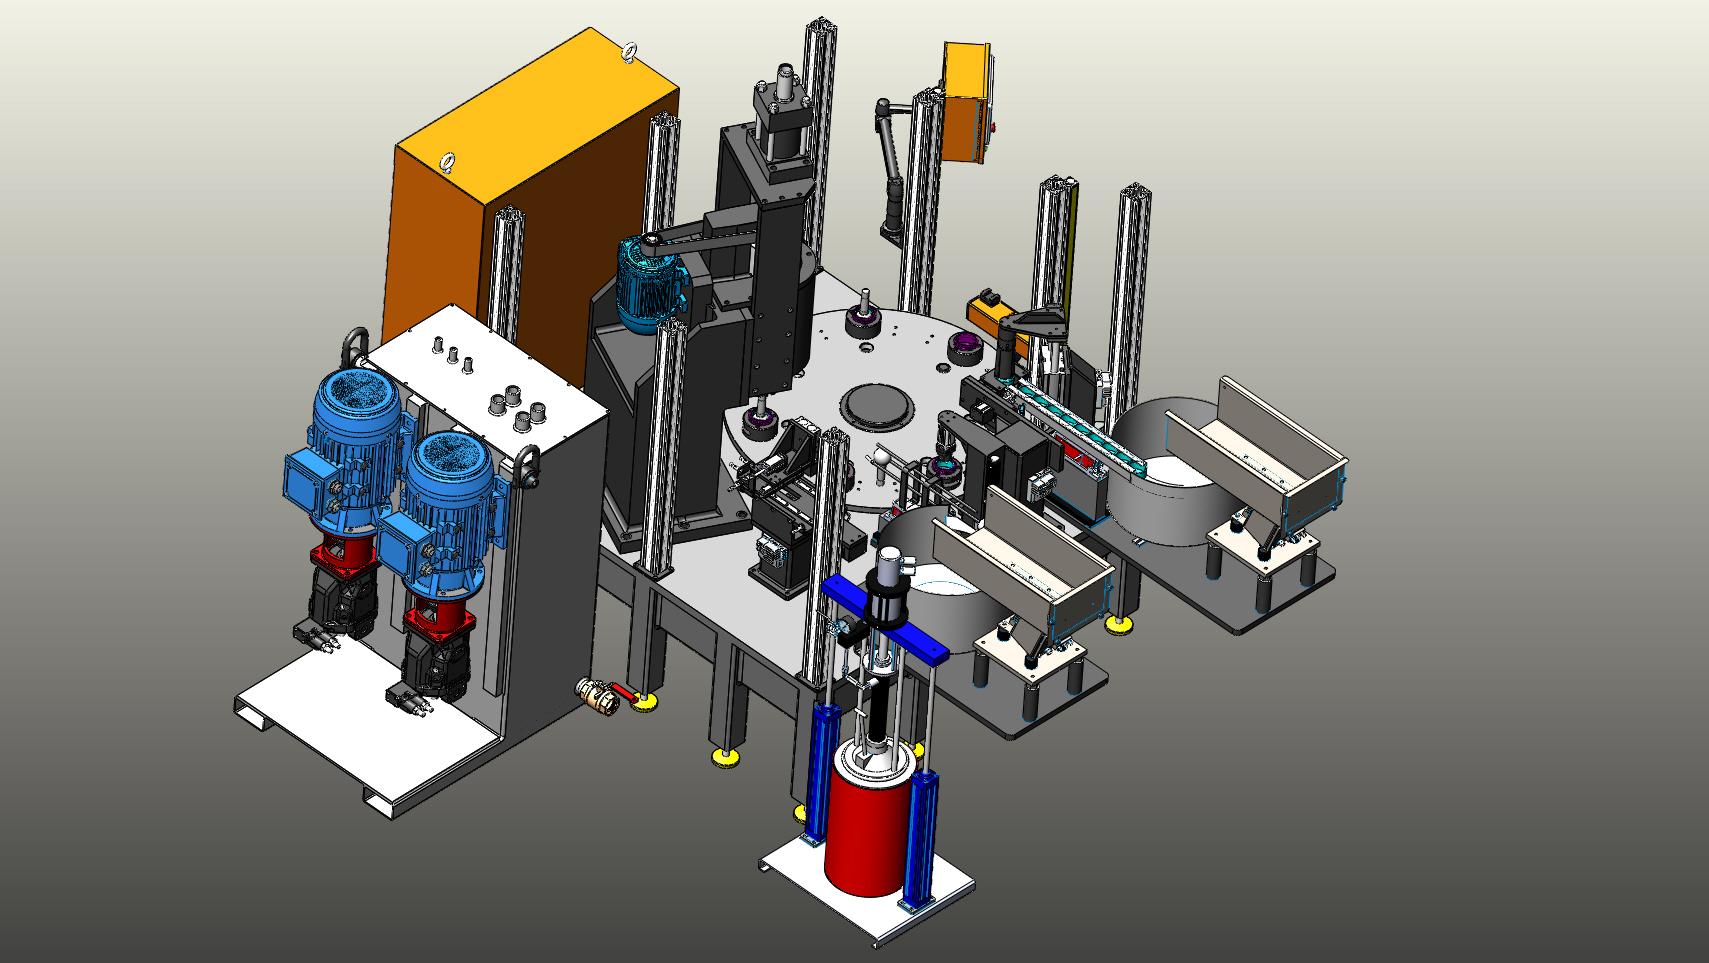 旋压转盘组装机3D数模图纸 Solidworks设计 附STEP